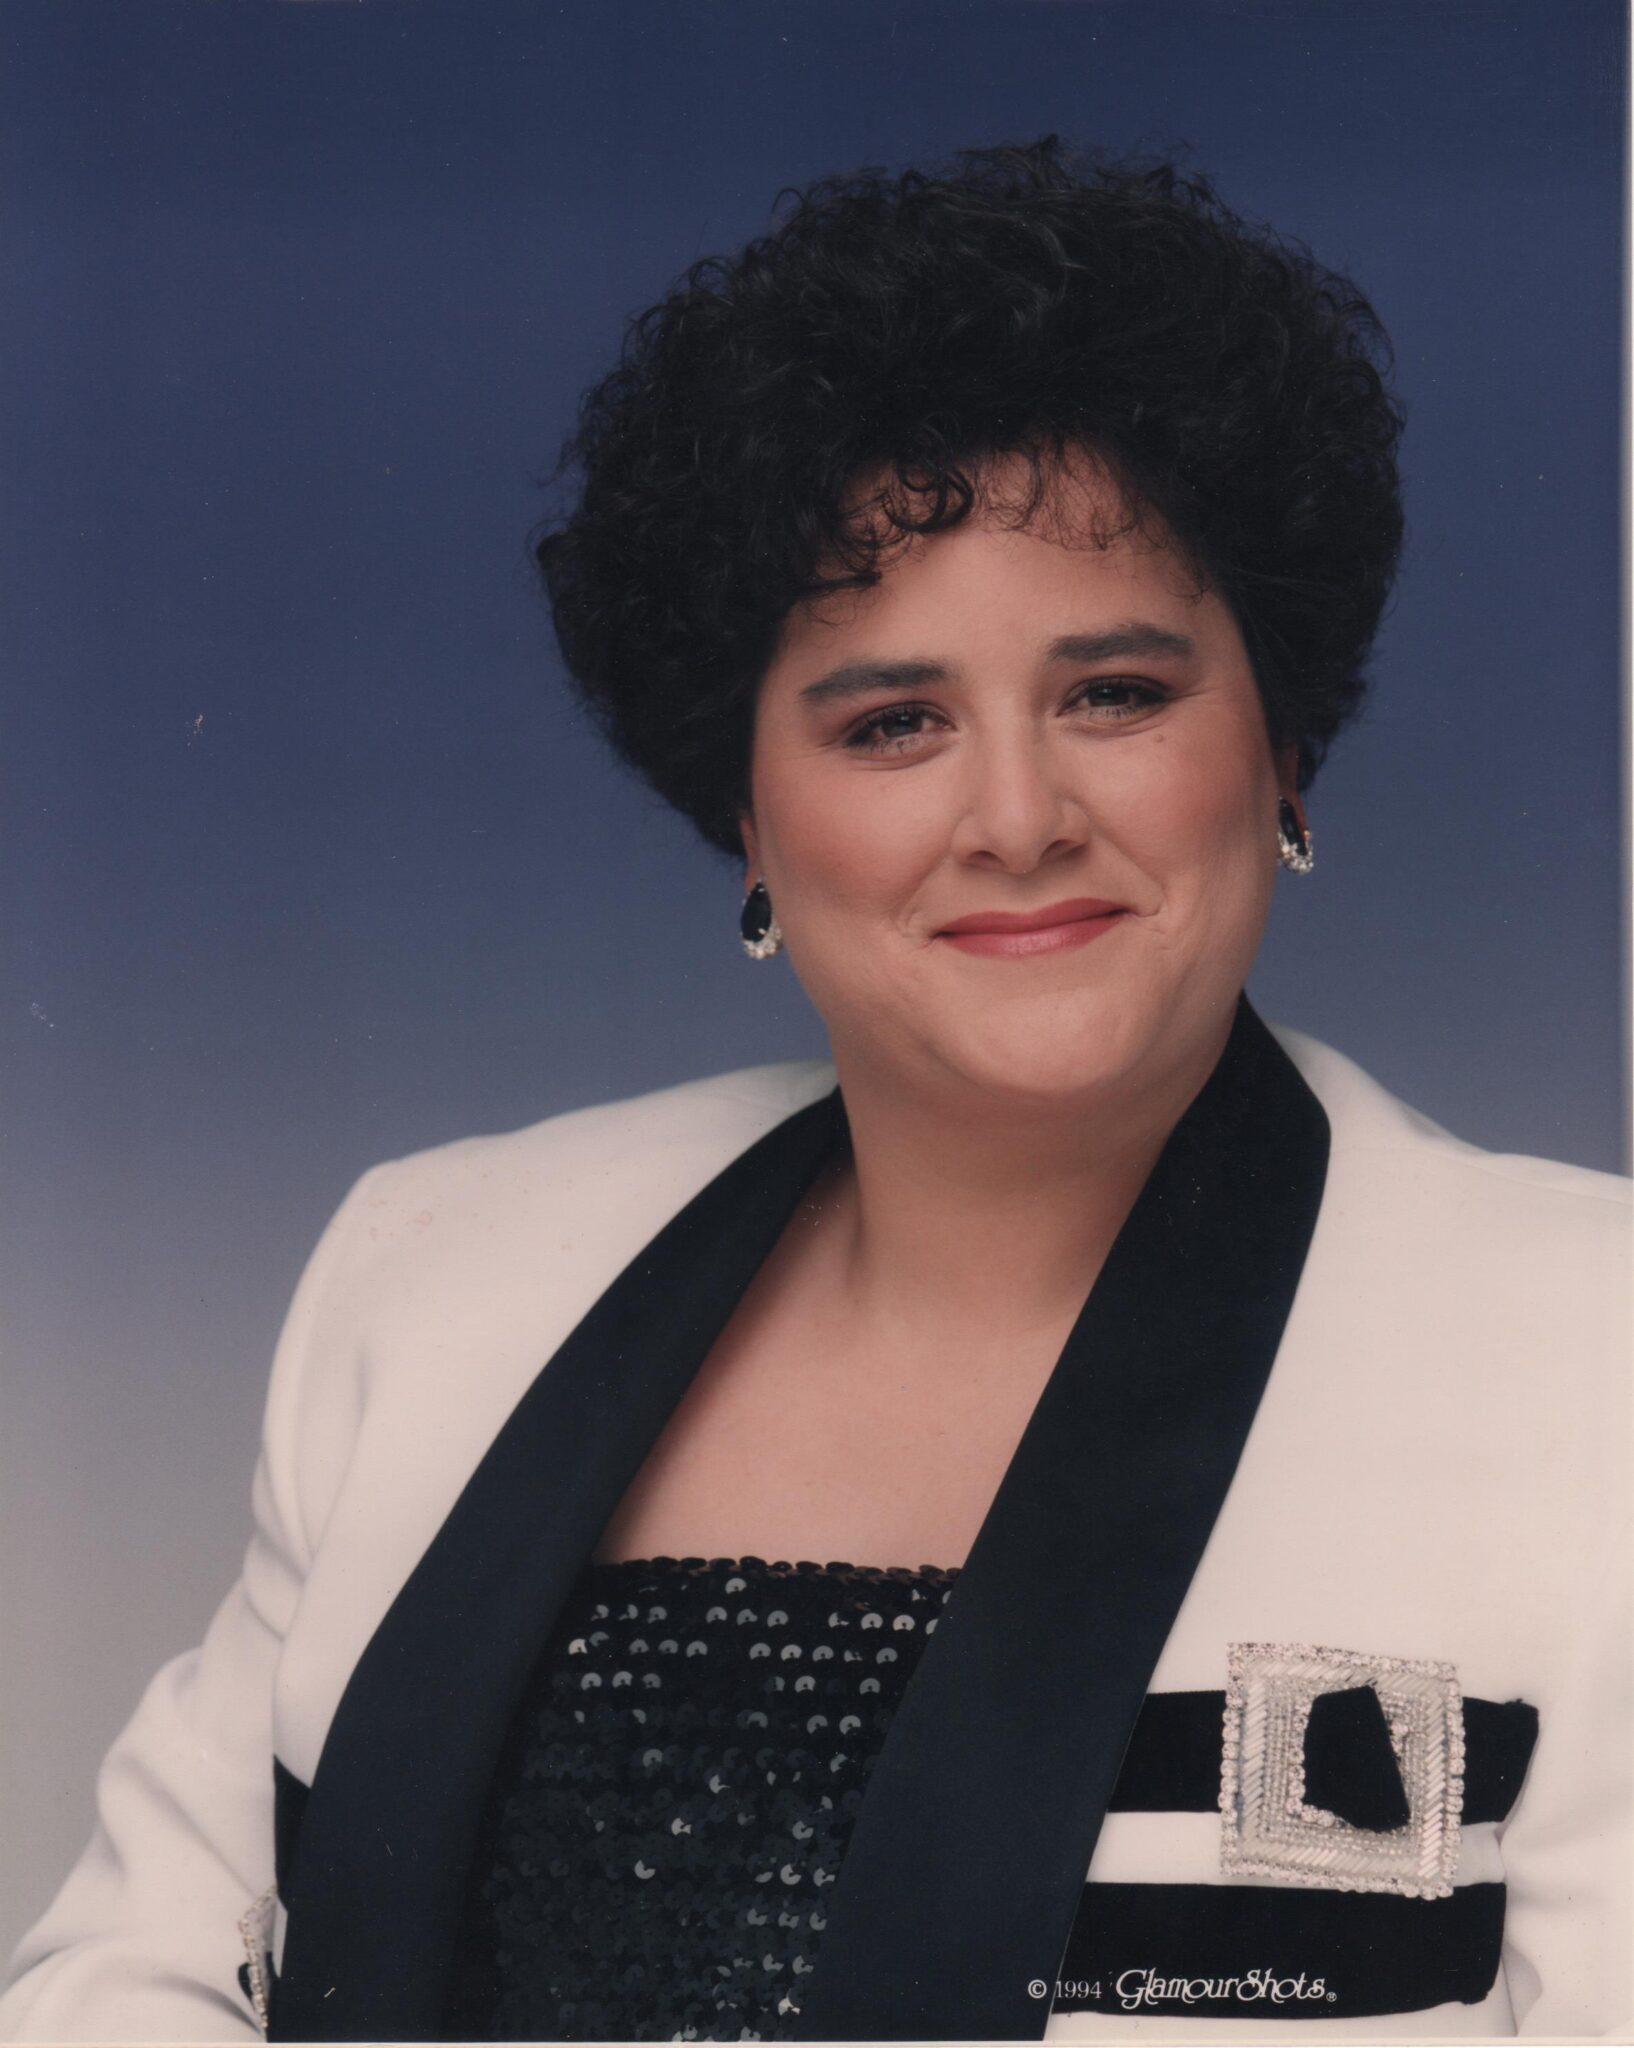 Joanna Darlene Green